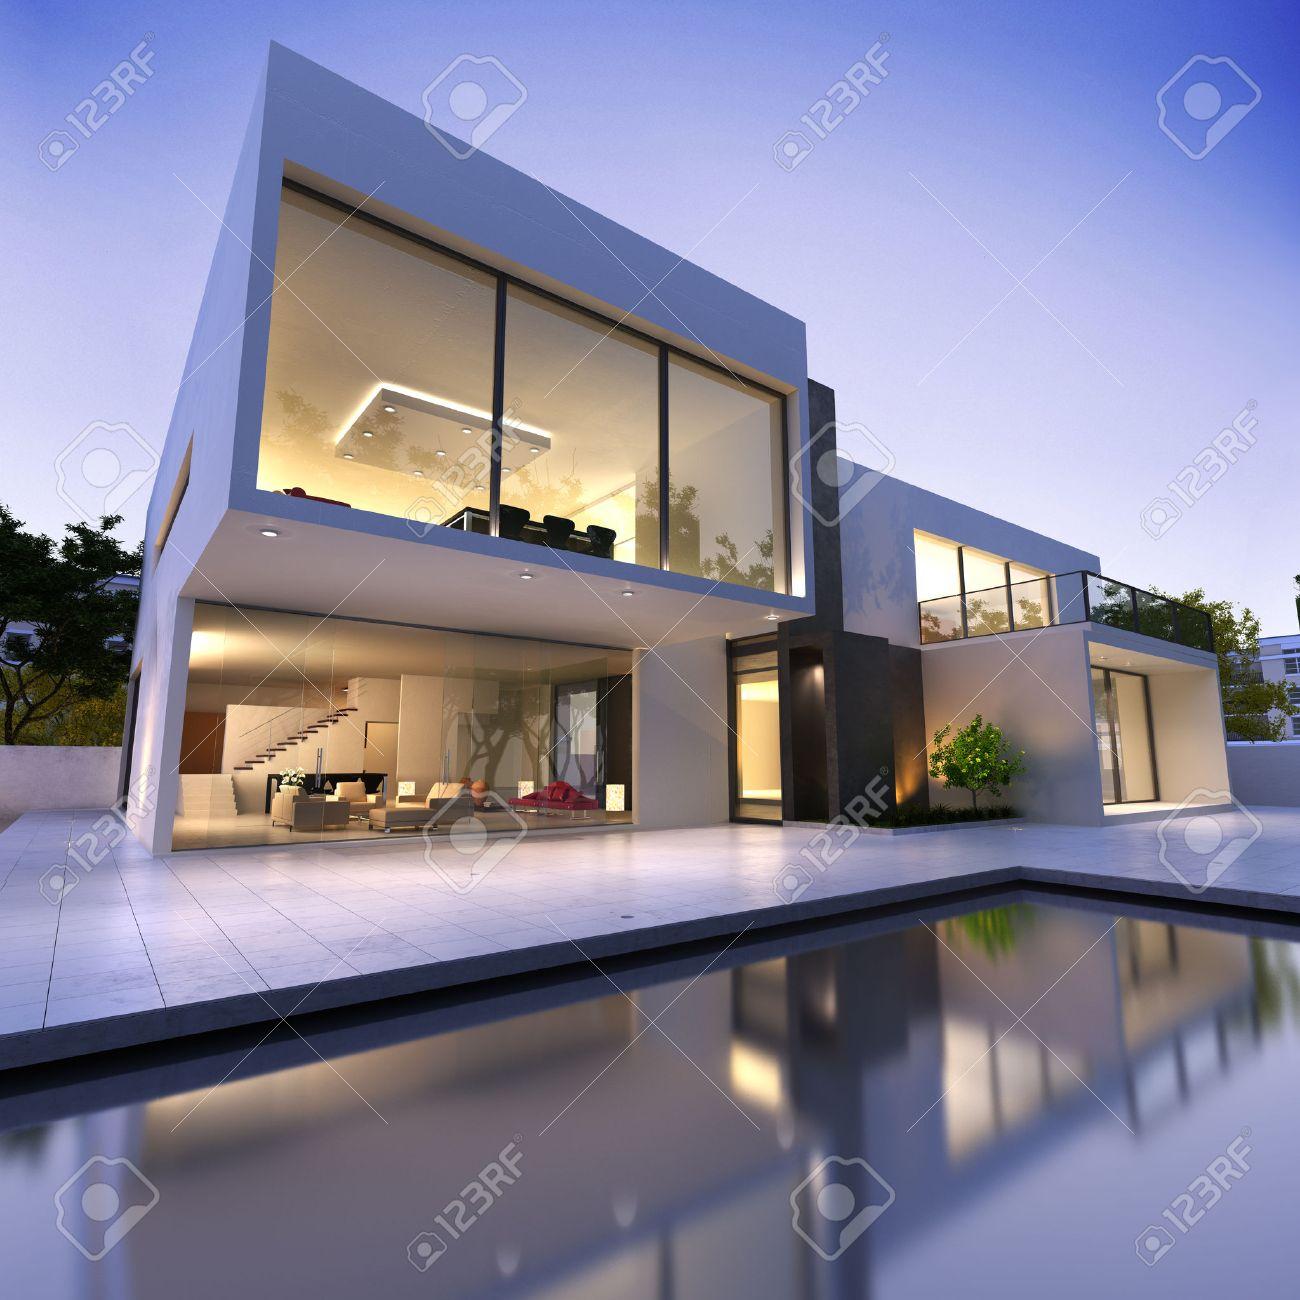 Vue Extérieure D\'une Maison Moderne Avec Piscine Au Crépuscule ...